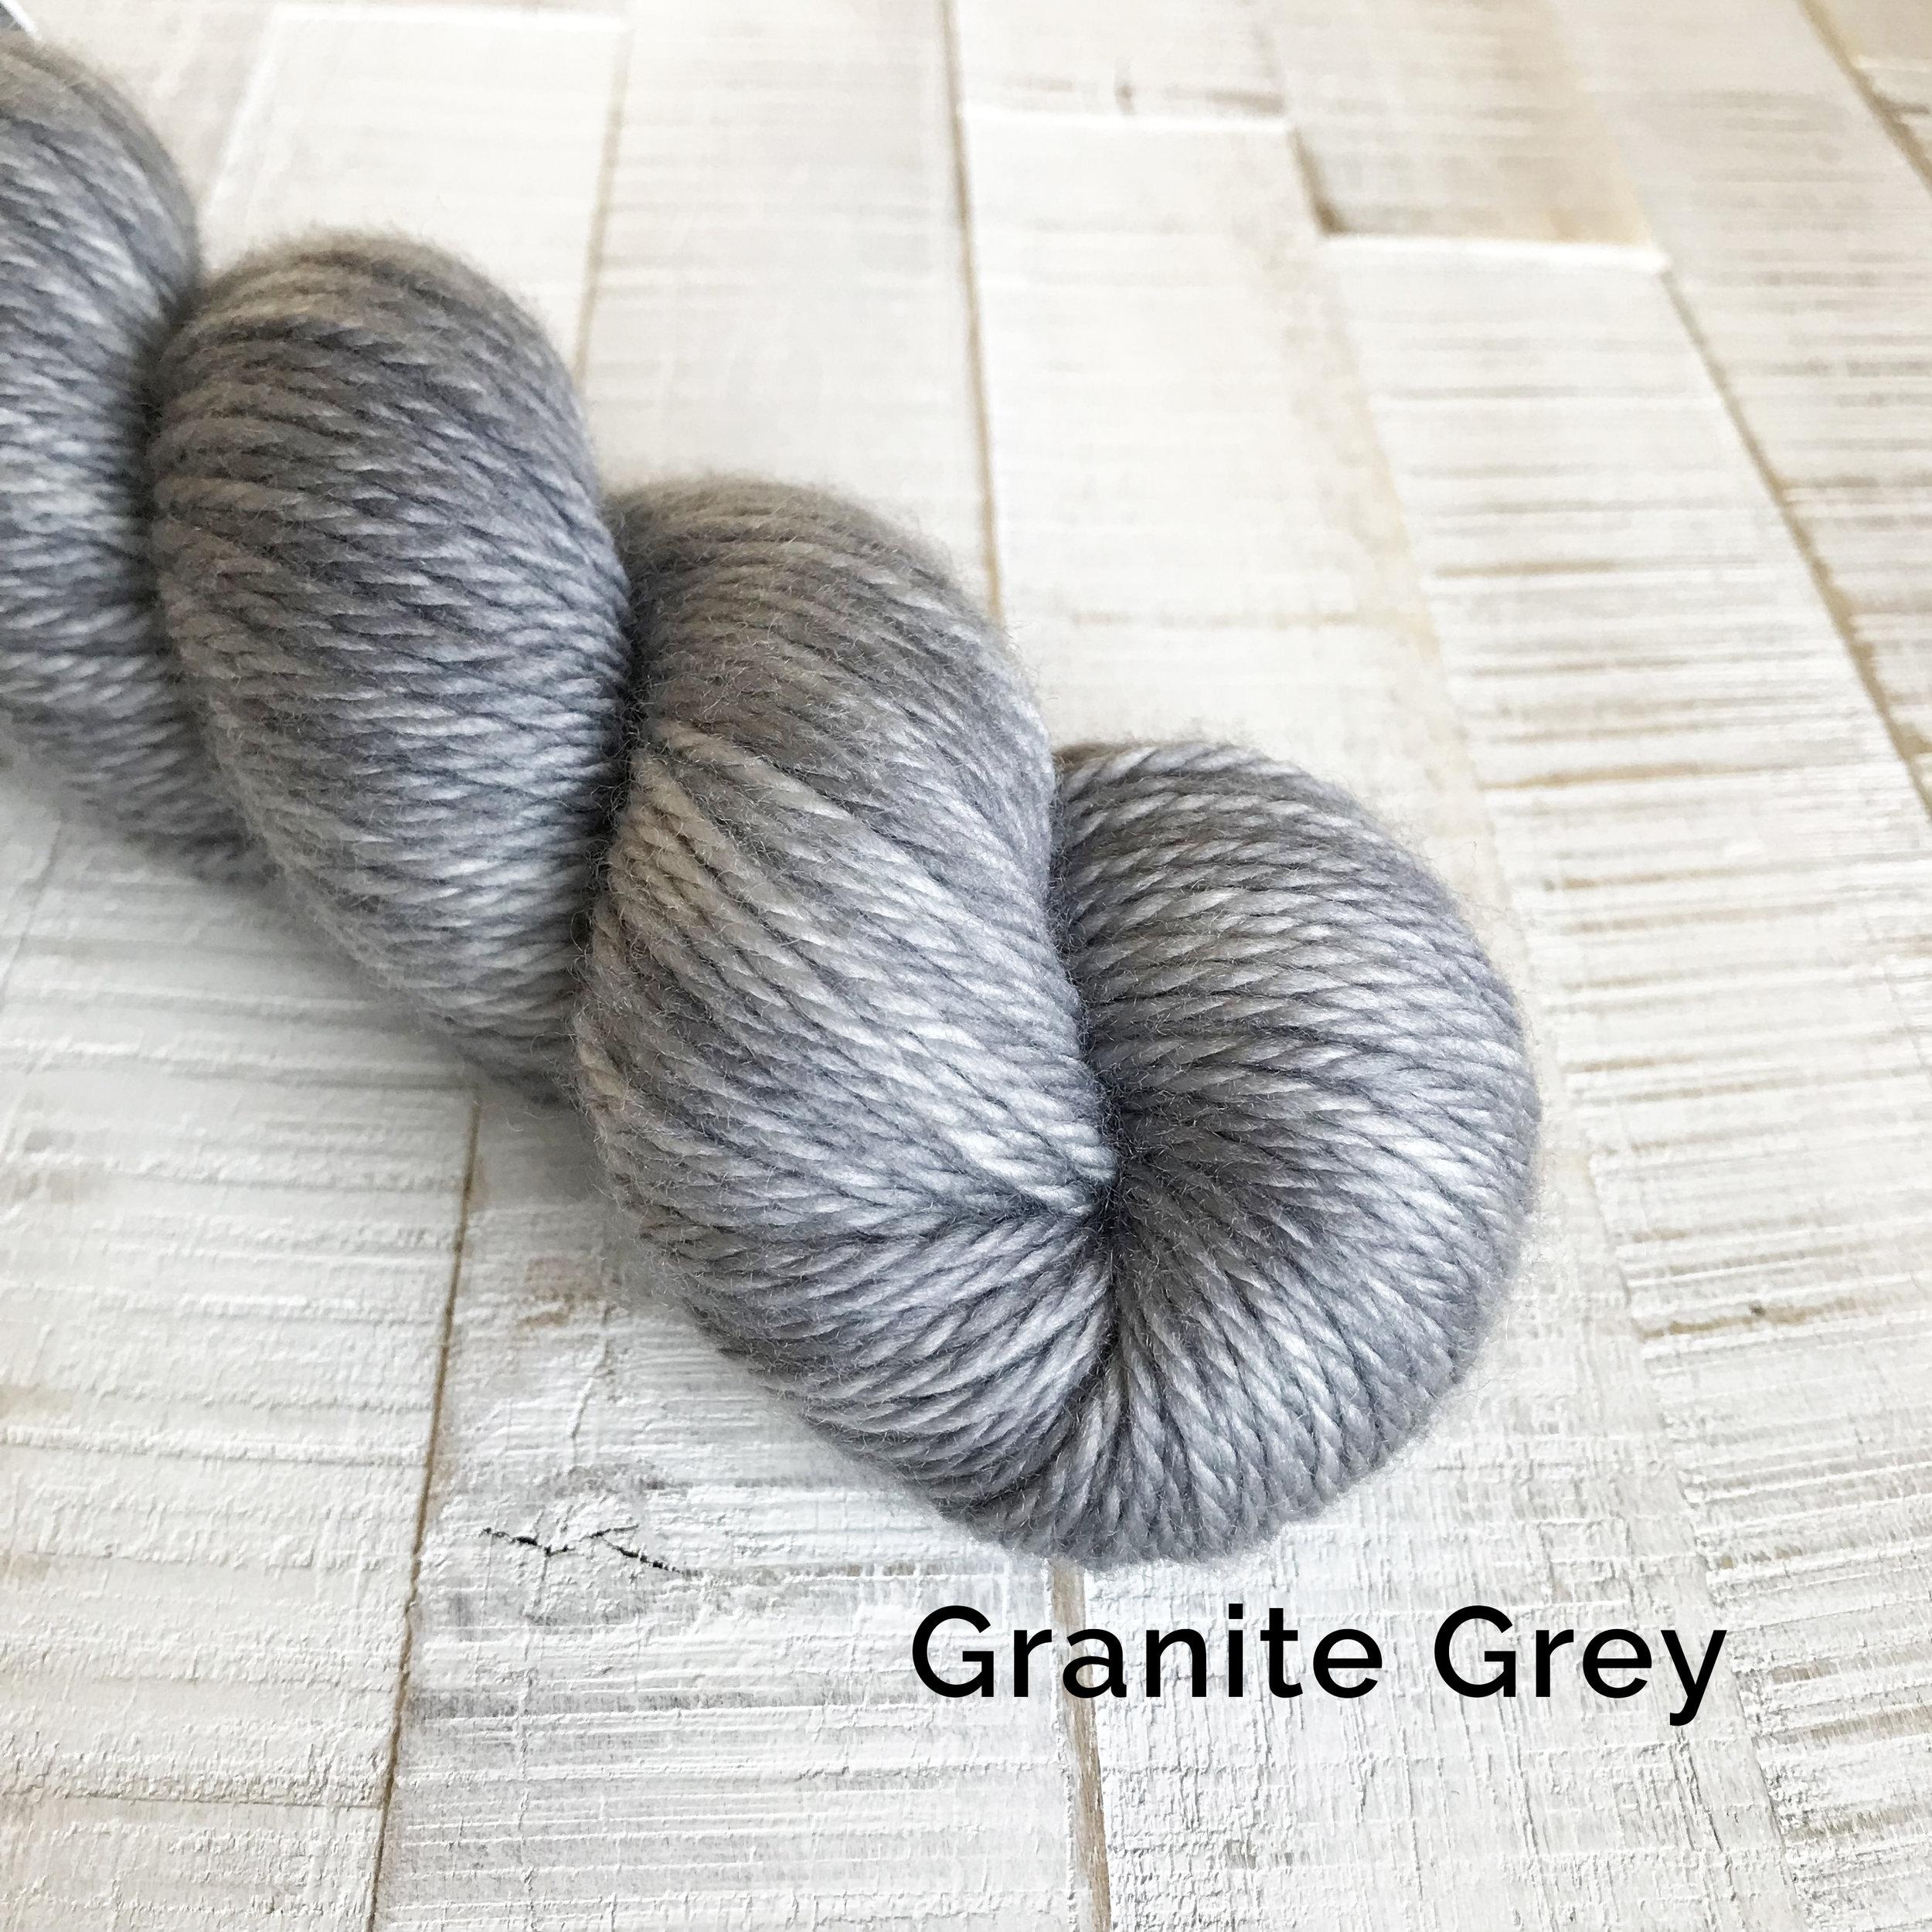 GraniteGrey_Aran.jpg